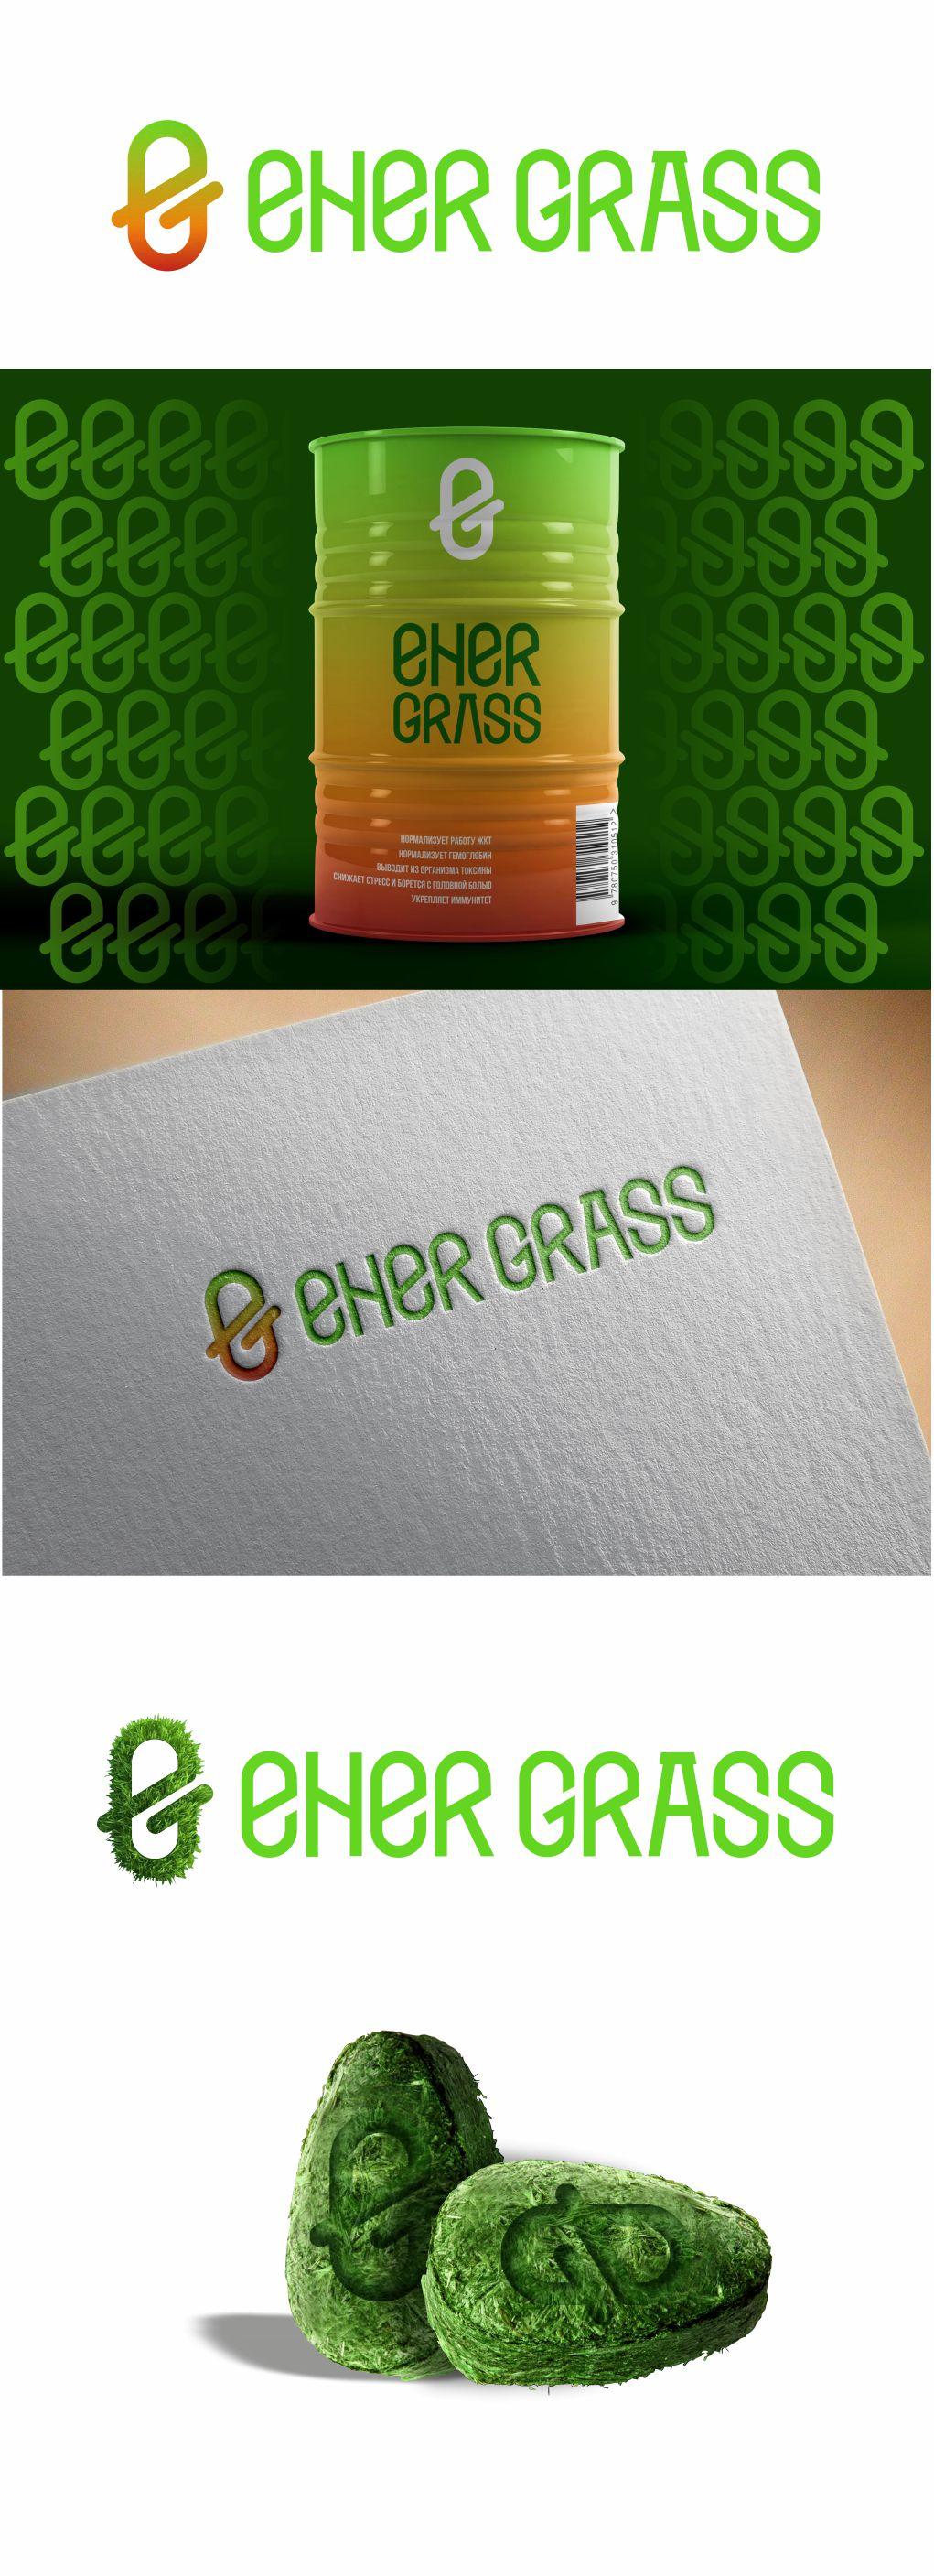 Графический дизайнер для создания логотипа Energrass. фото f_1105f90224be563d.jpg